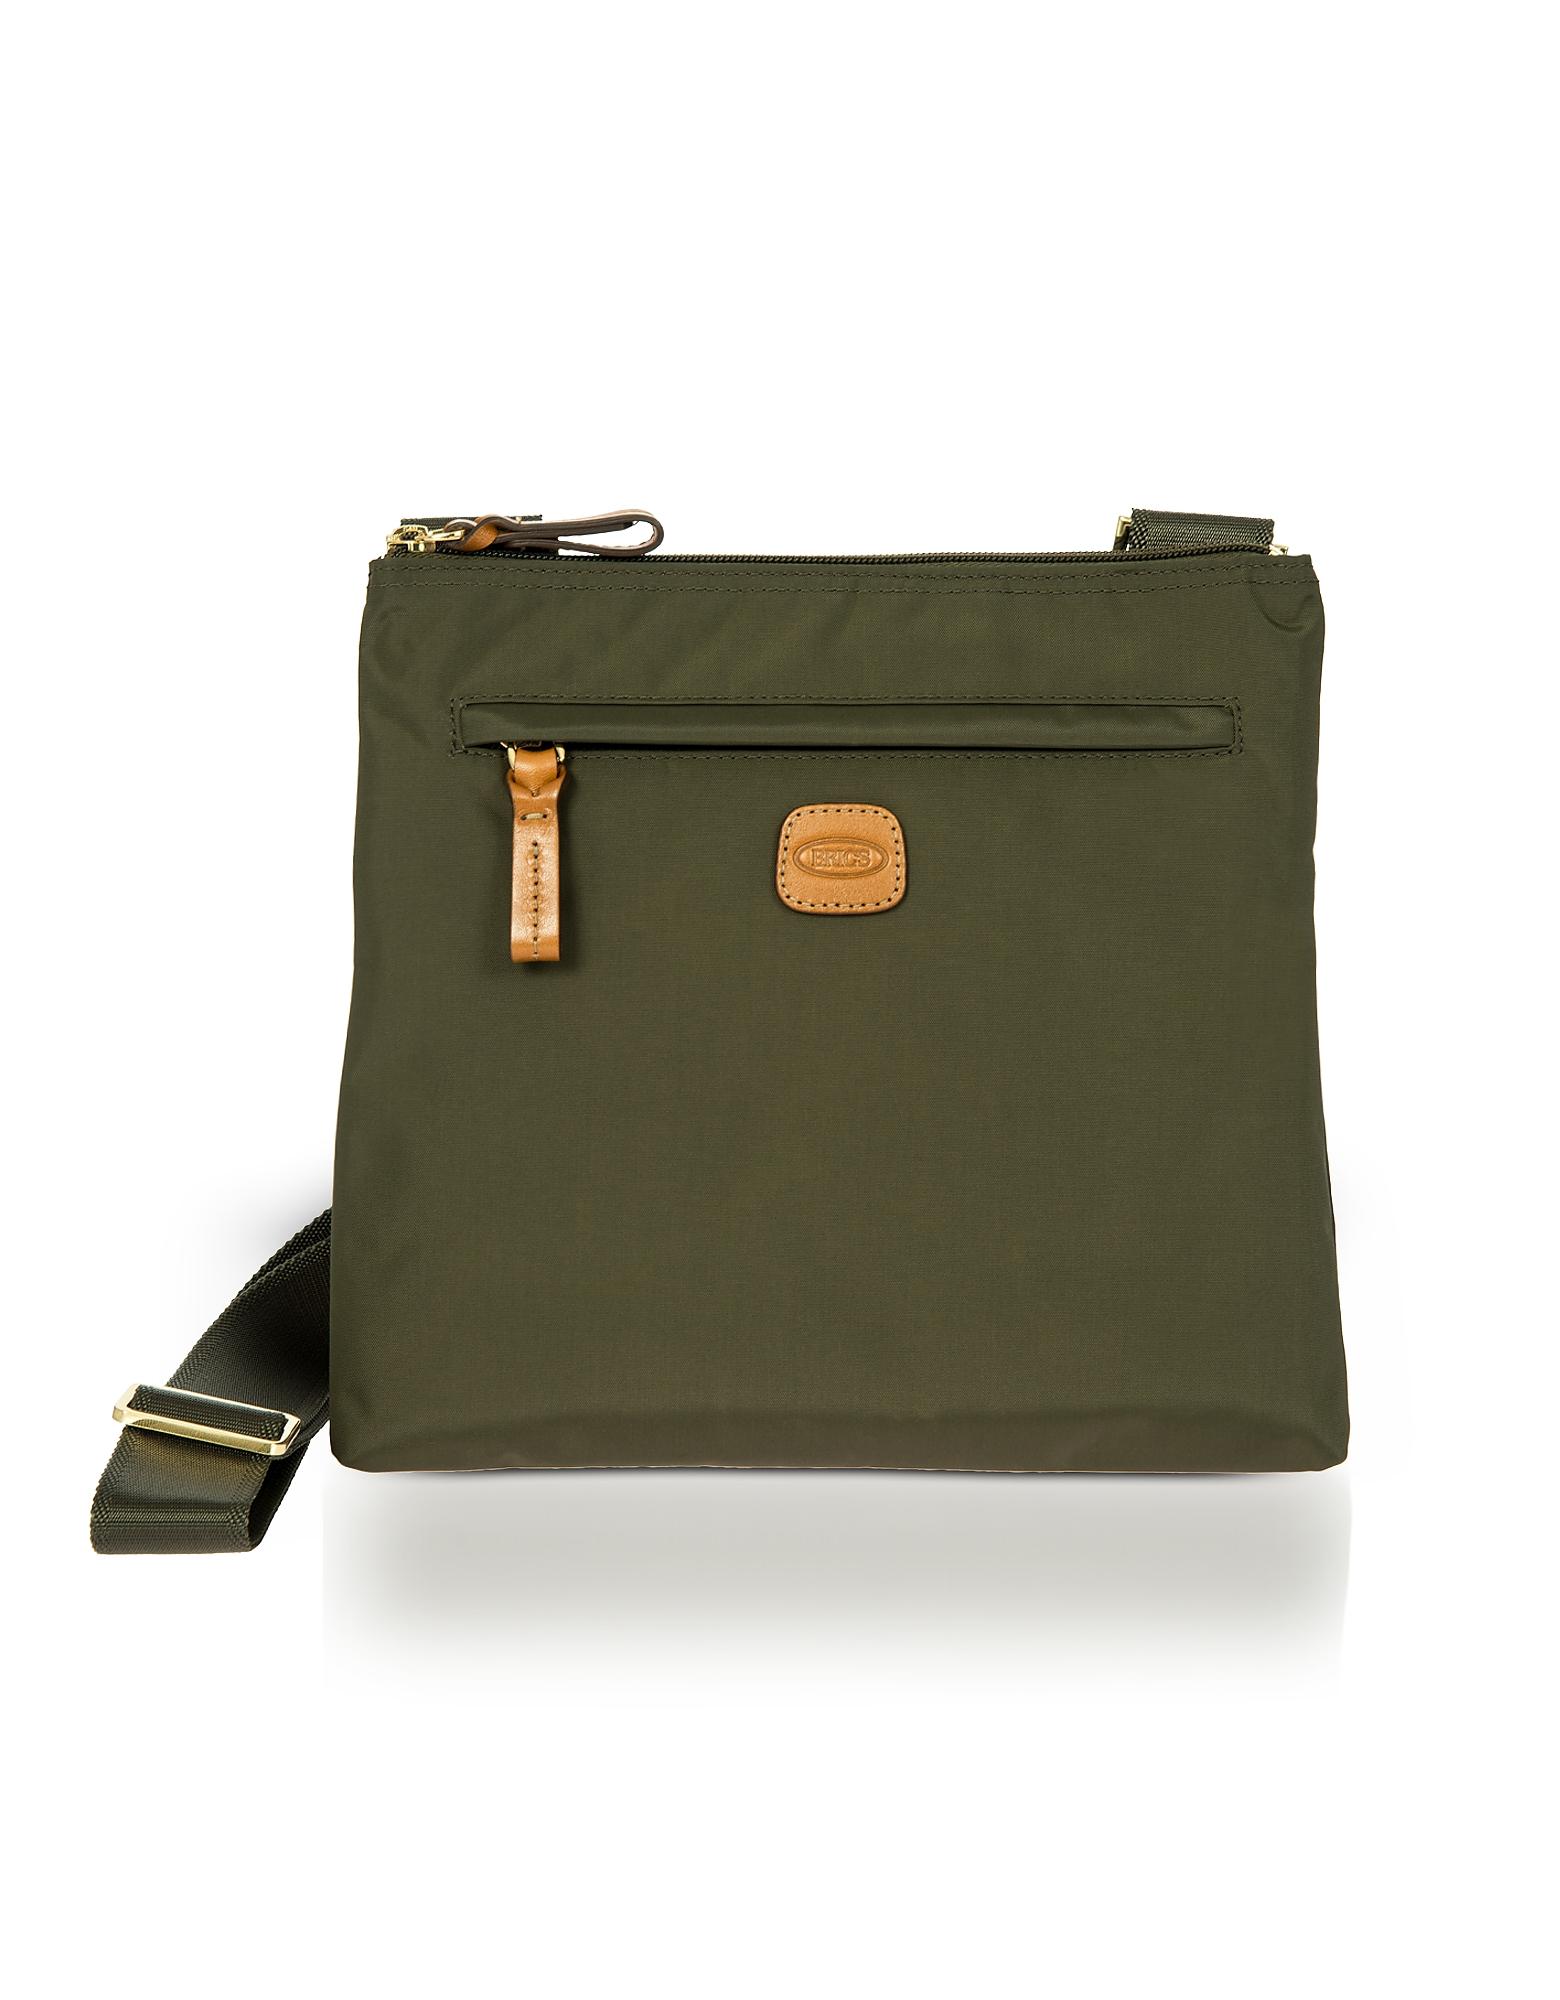 85c5f419faf7 Bric s Designer Travel Bags